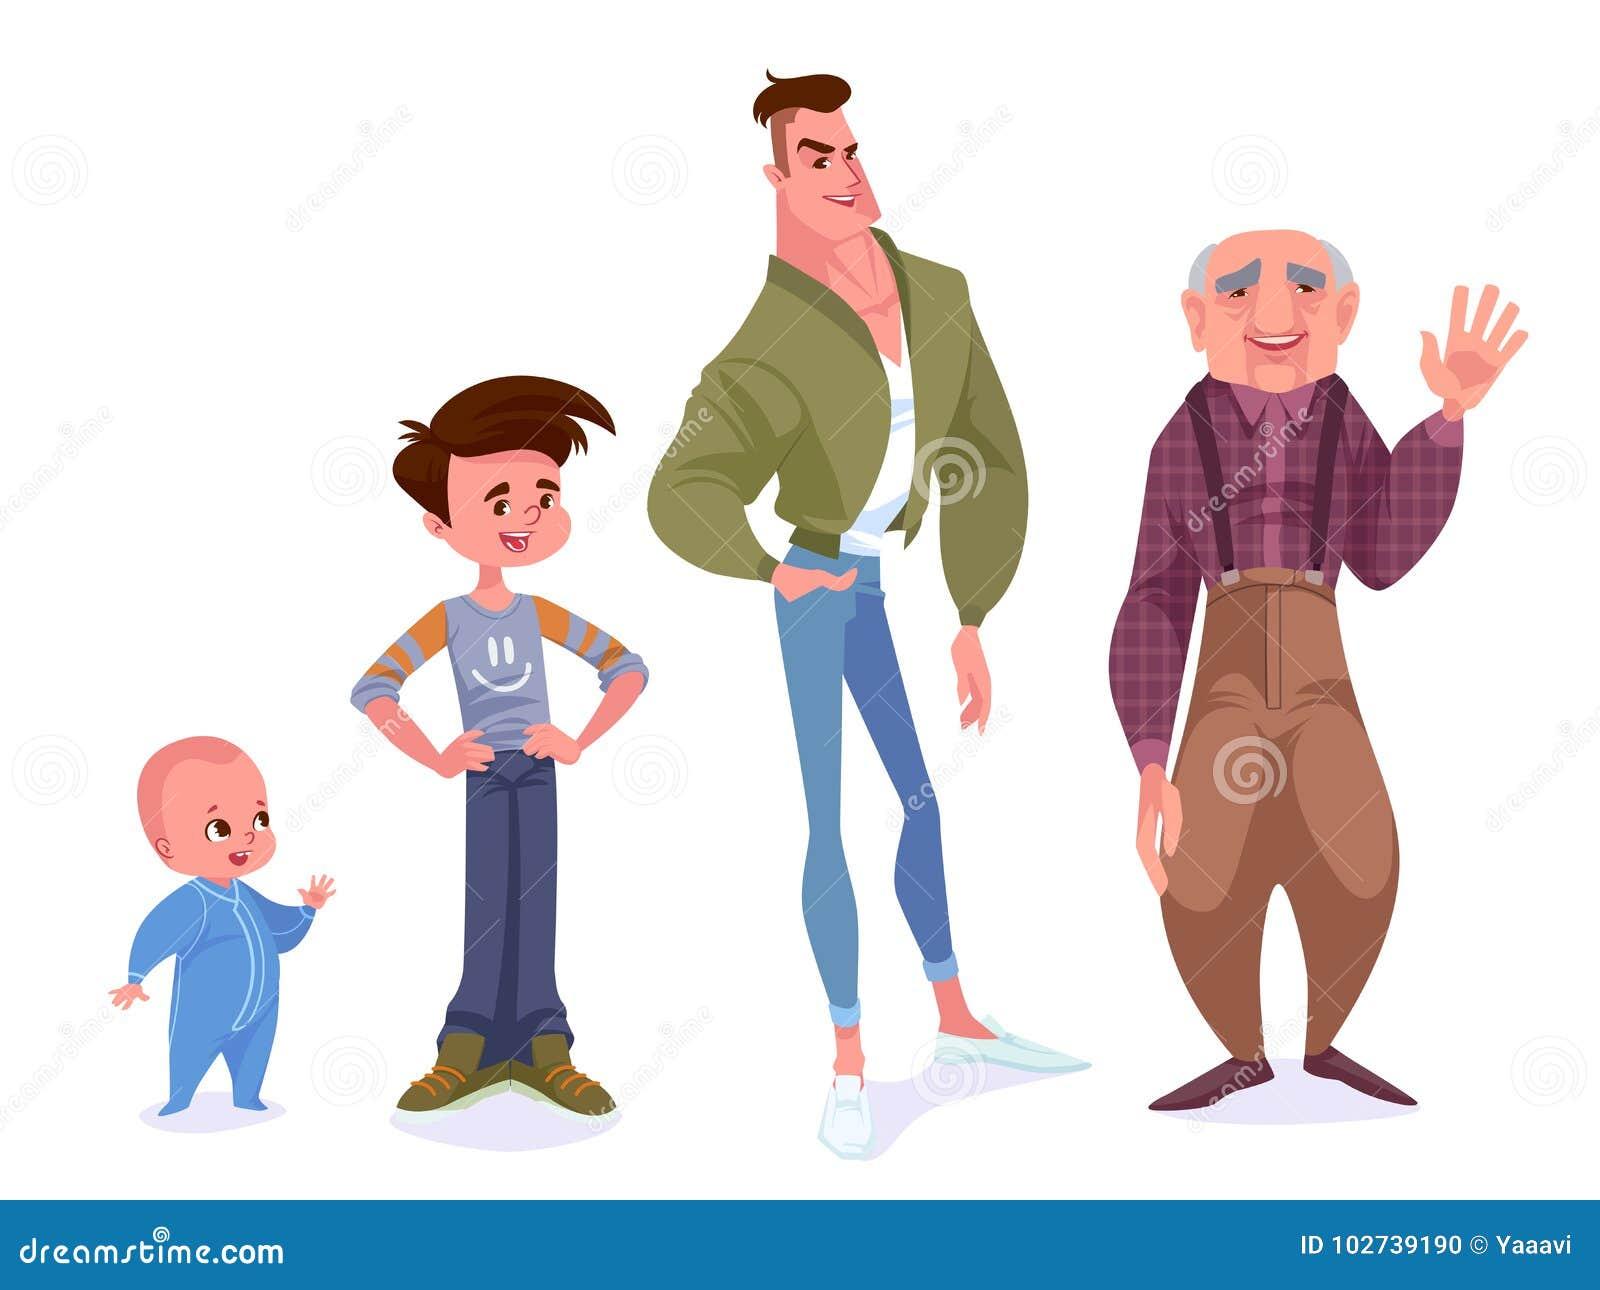 Έννοια γήρανσης των αρσενικών χαρακτήρων Ο κύκλος της ζωής από το childho